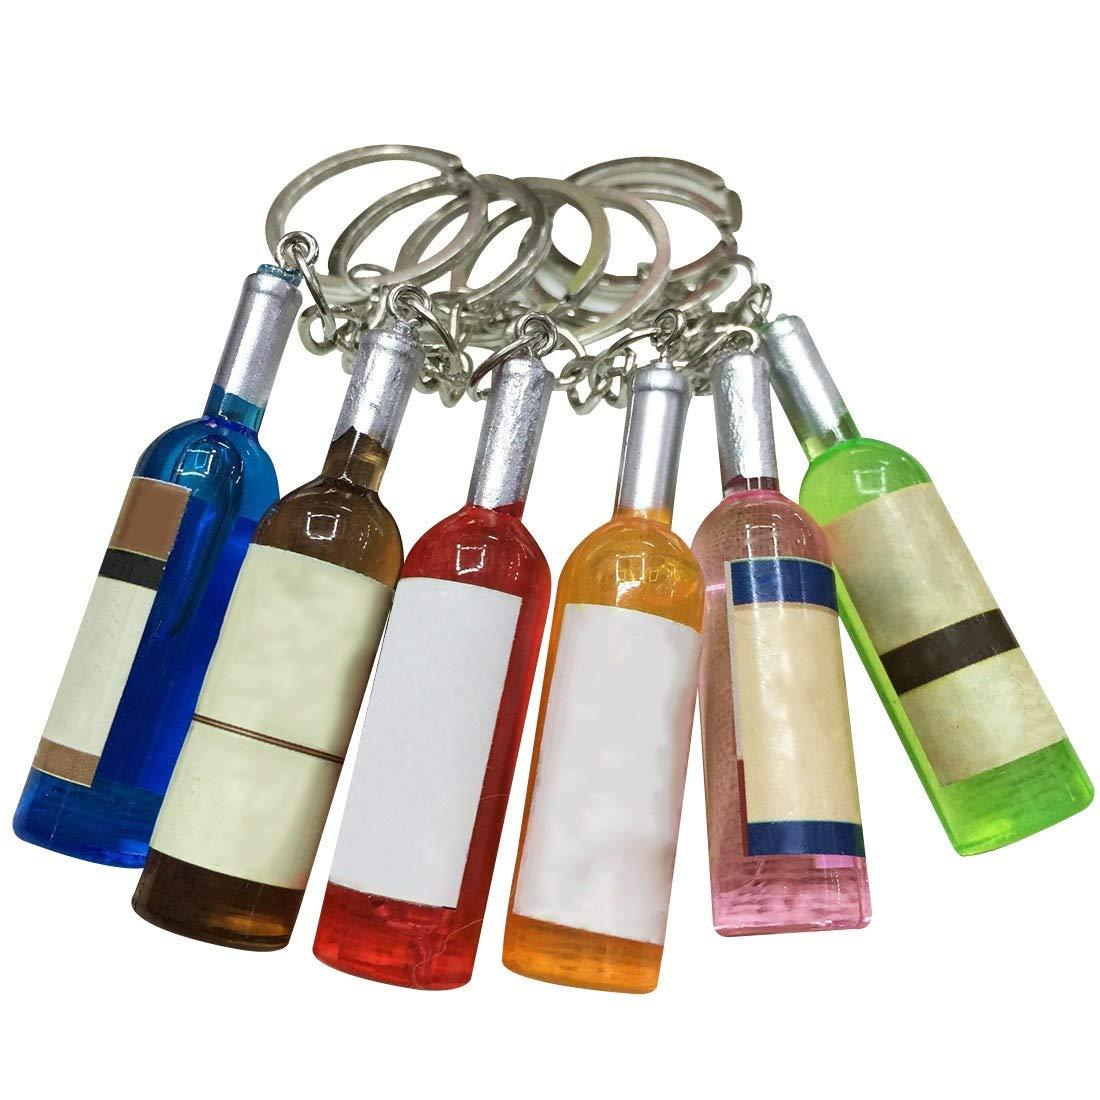 ToneStyle-U Paar Keychain Auto-Schlüsselring-Werkzeug Keychain Telefon verbunden mit Einem Handy-Bier-Flasche 4,9 cm